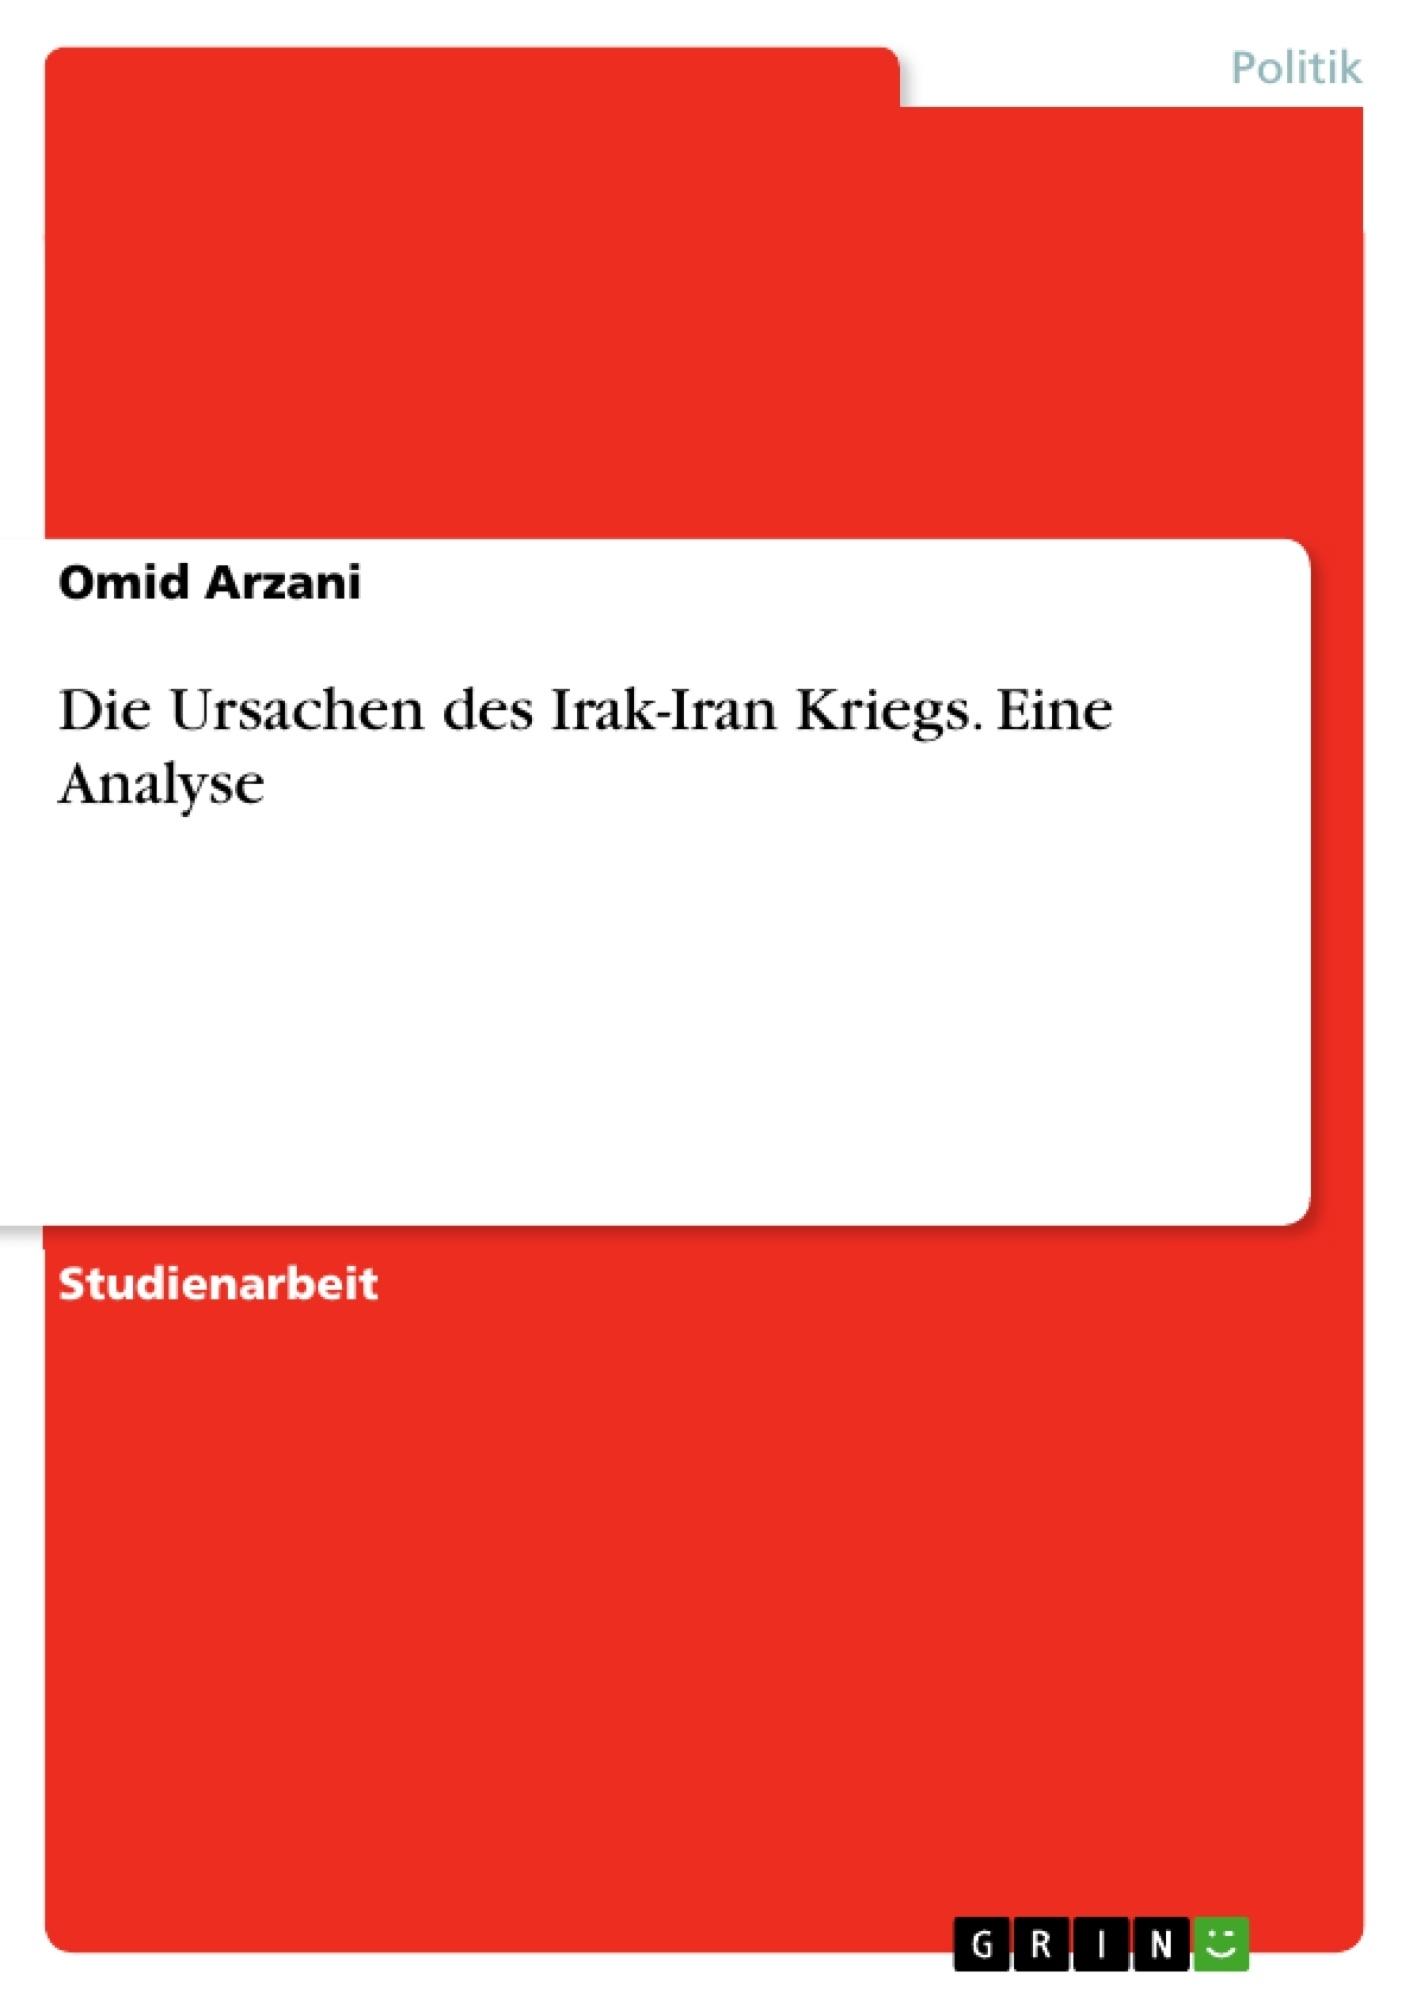 Titel: Die Ursachen des Irak-Iran Kriegs. Eine Analyse